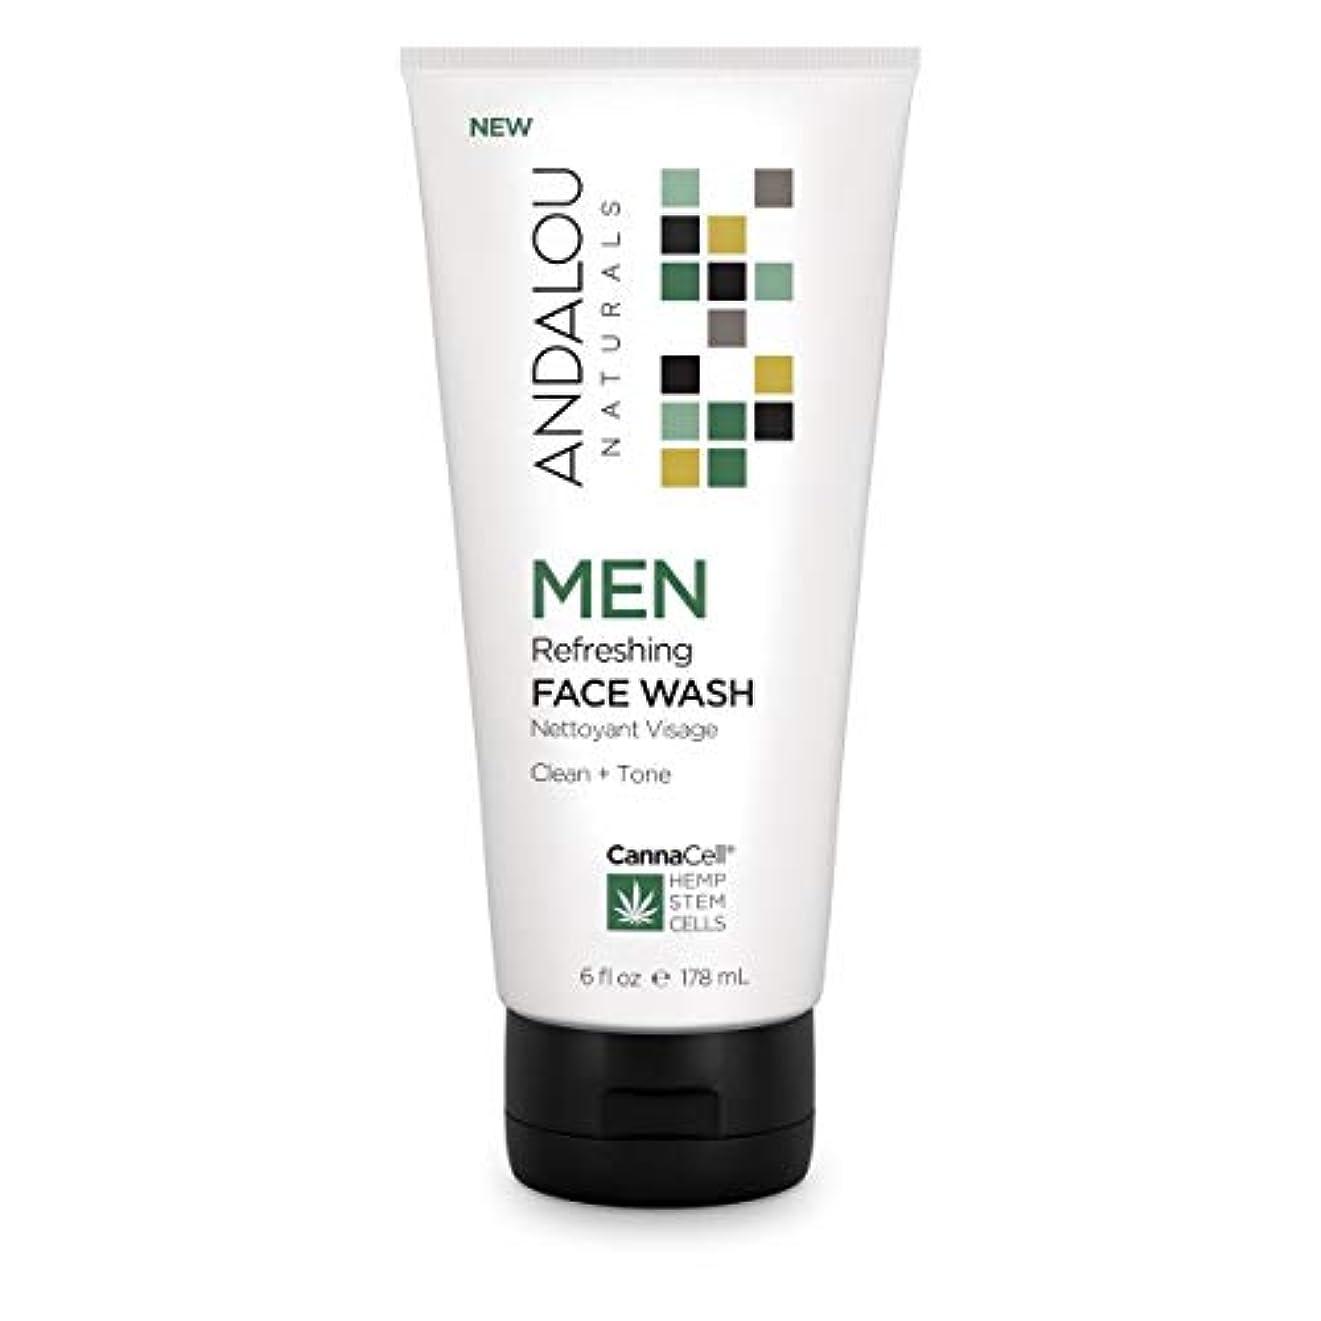 排出司令官二年生オーガニック ボタニカル 洗顔料 洗顔フォーム ナチュラル フルーツ幹細胞 ヘンプ幹細胞 「 MEN リフレッシングフェイスウォッシュ 」 ANDALOU naturals アンダルー ナチュラルズ